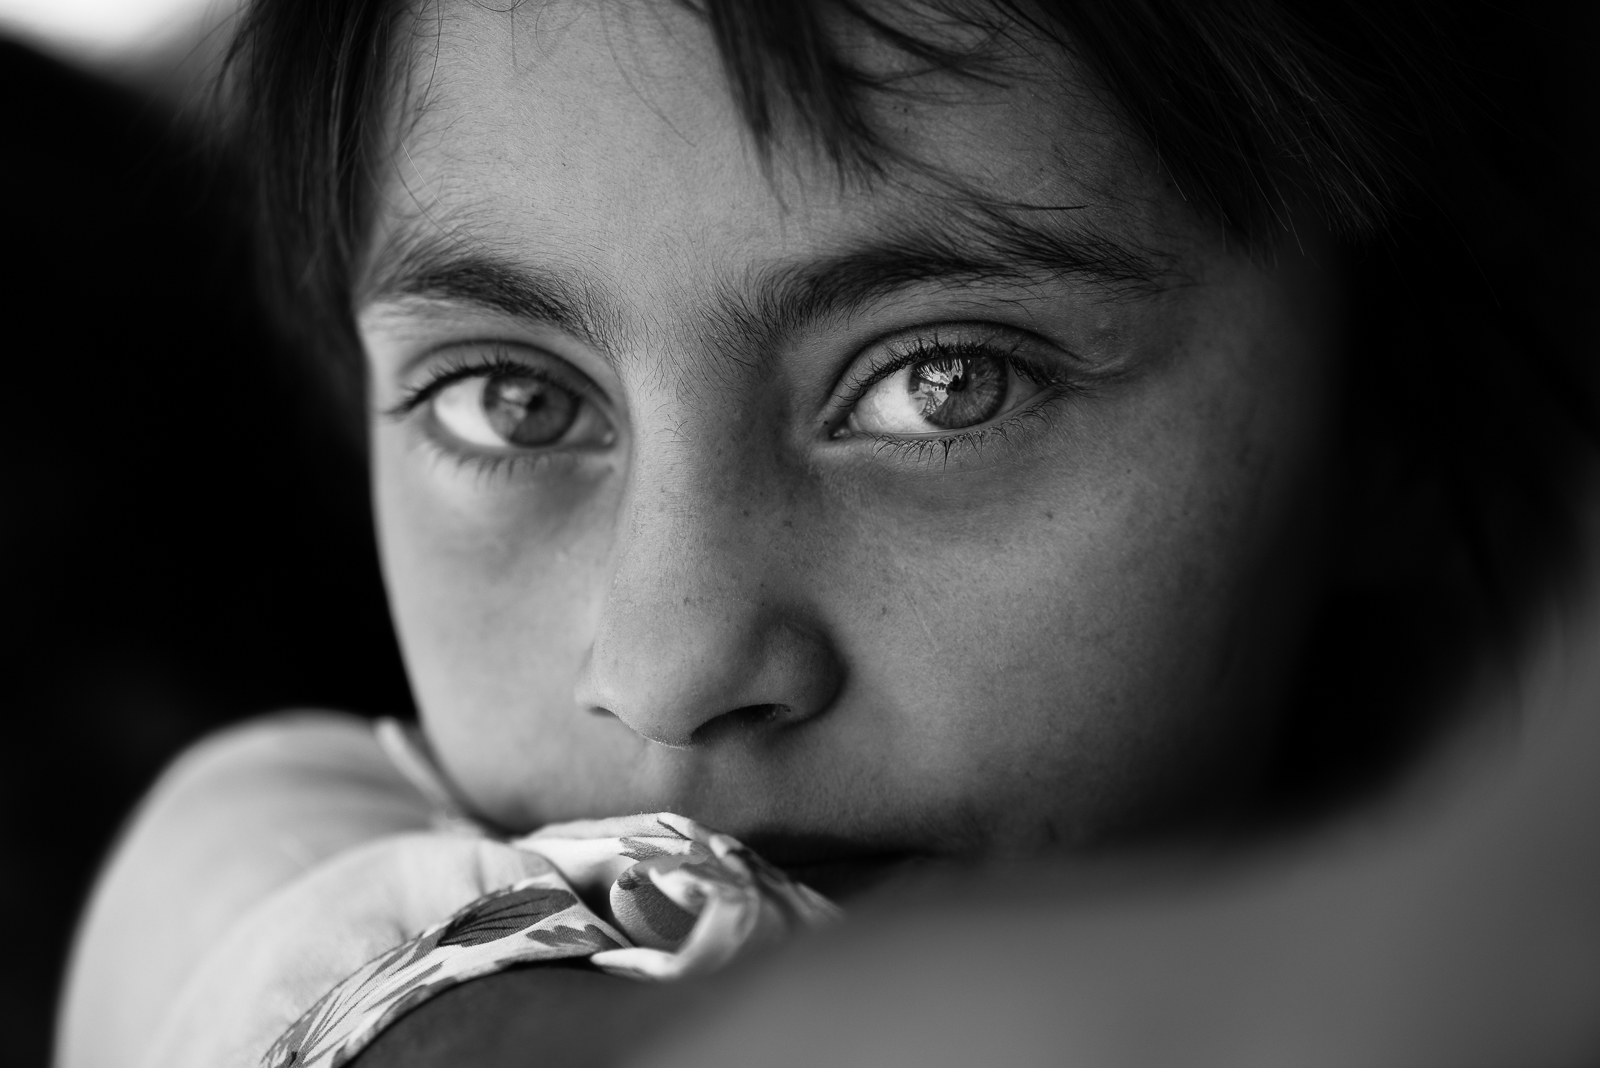 Girl in Diyarbakir, Turkey.